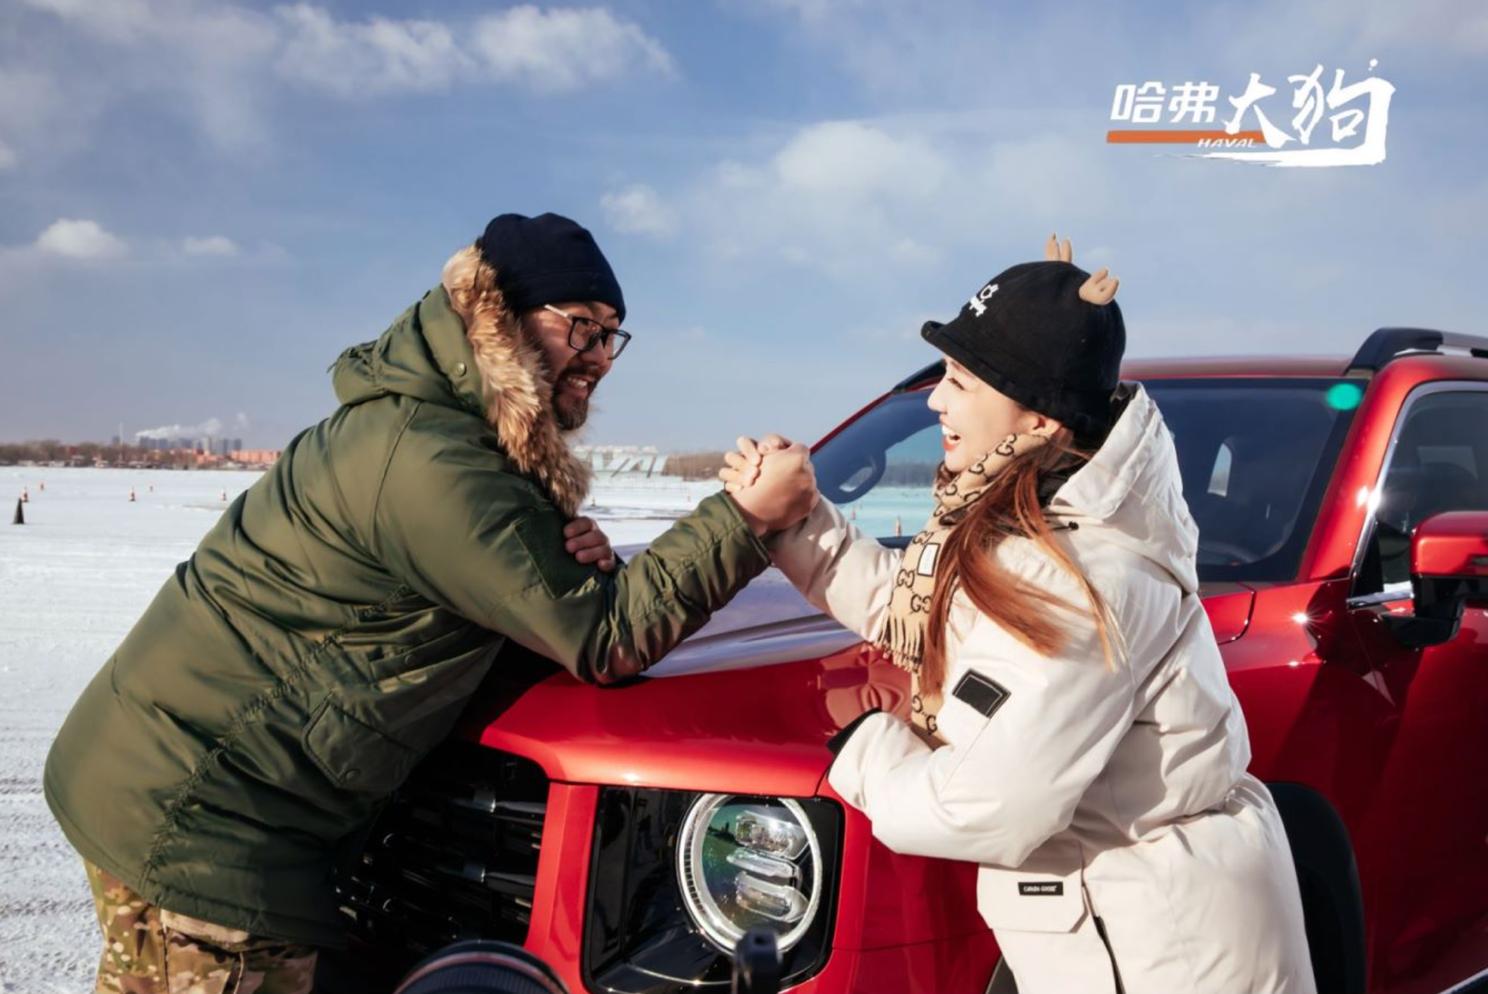 哈弗大狗上演热雪传奇唯一带两把锁的城市级越野SUV引百媒共赞